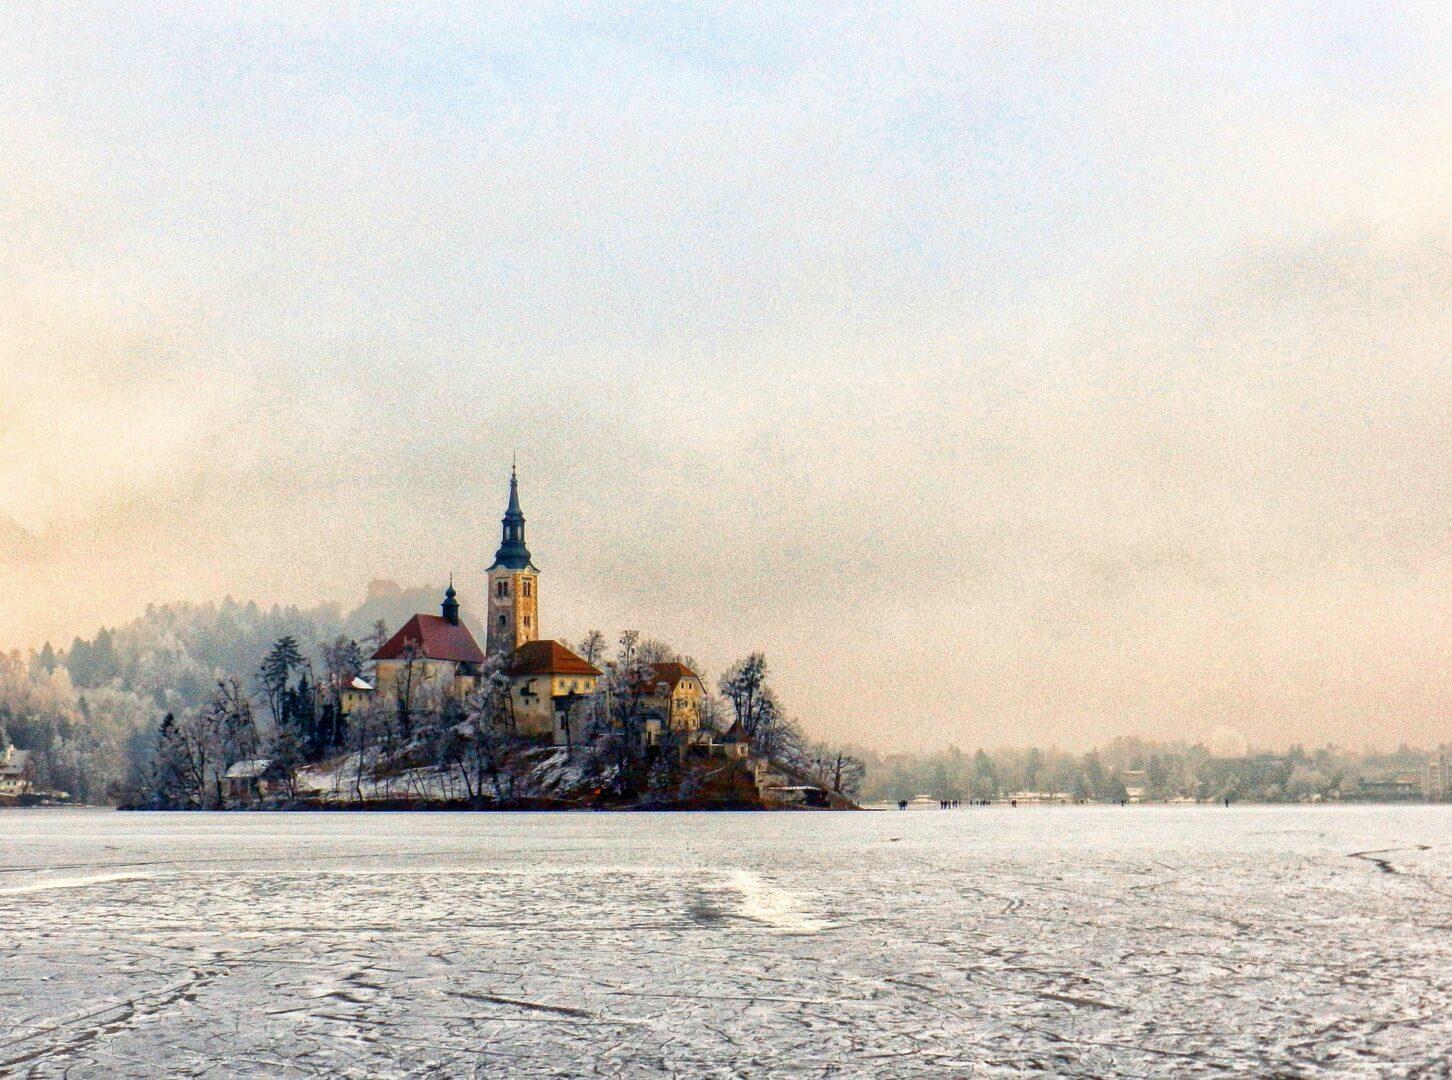 Na Bledu so postavili novo sankališče iz Osojnice skozi Zako, prav tako pa so sporočili, da ima jezero že močno skorjo in bo zamrznilo v nekaj dneh.